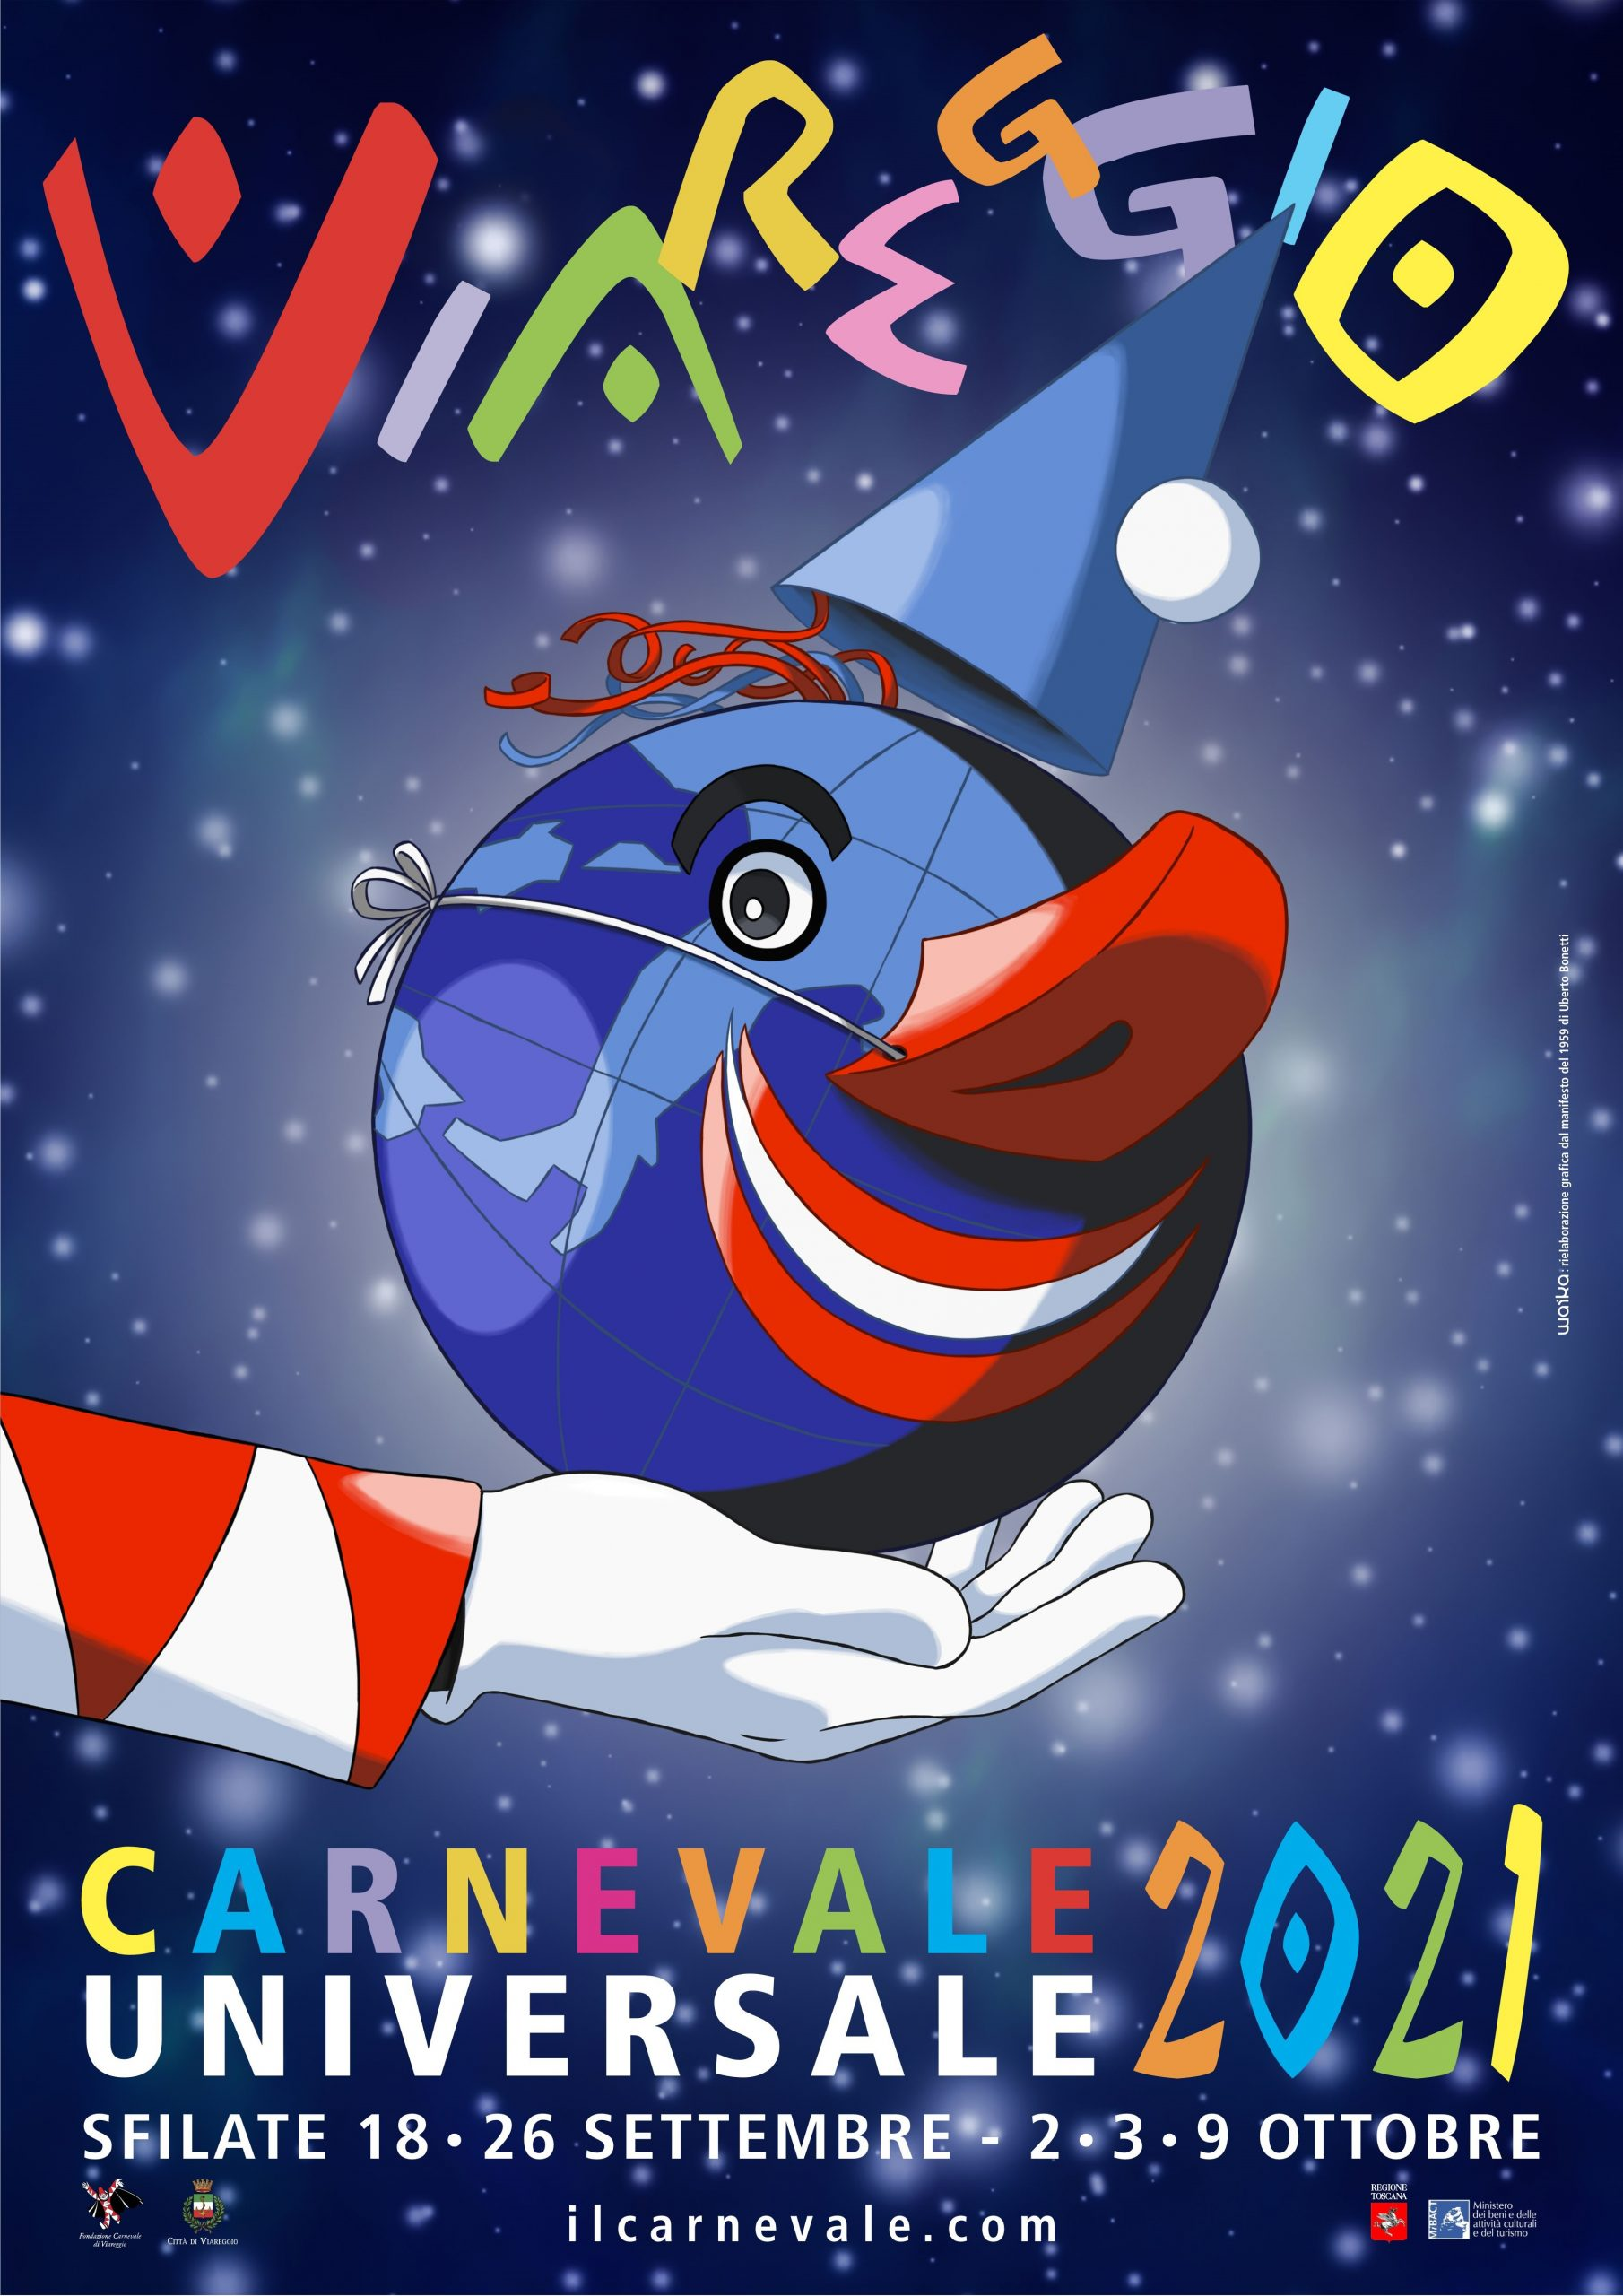 Calendario Carnevale Di Viareggio 2021 Carnevale di Viareggio 2021 le date ufficiali per Settembre